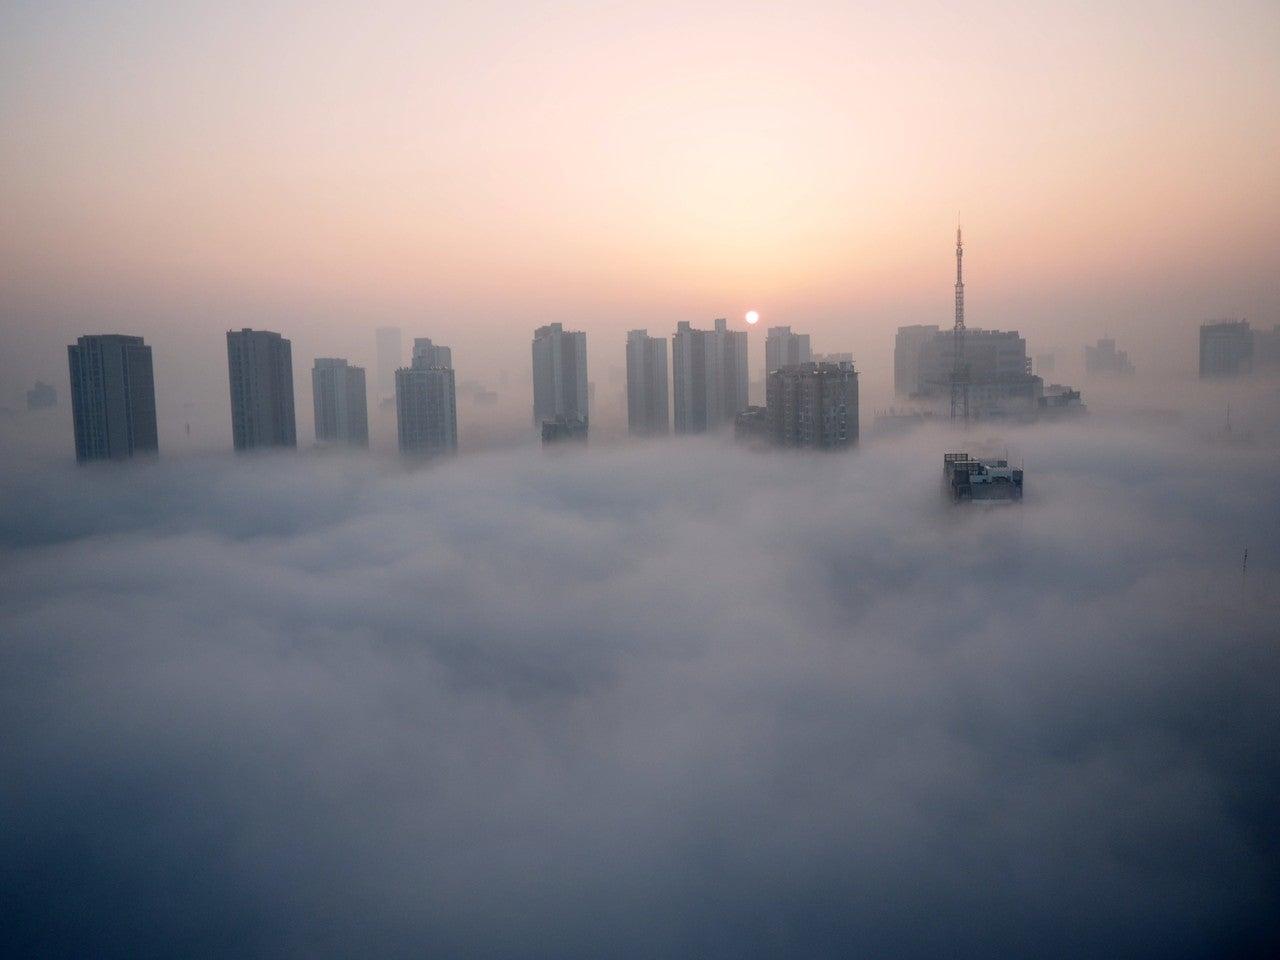 雲上都市の夜明け|クロノツカヤ|note